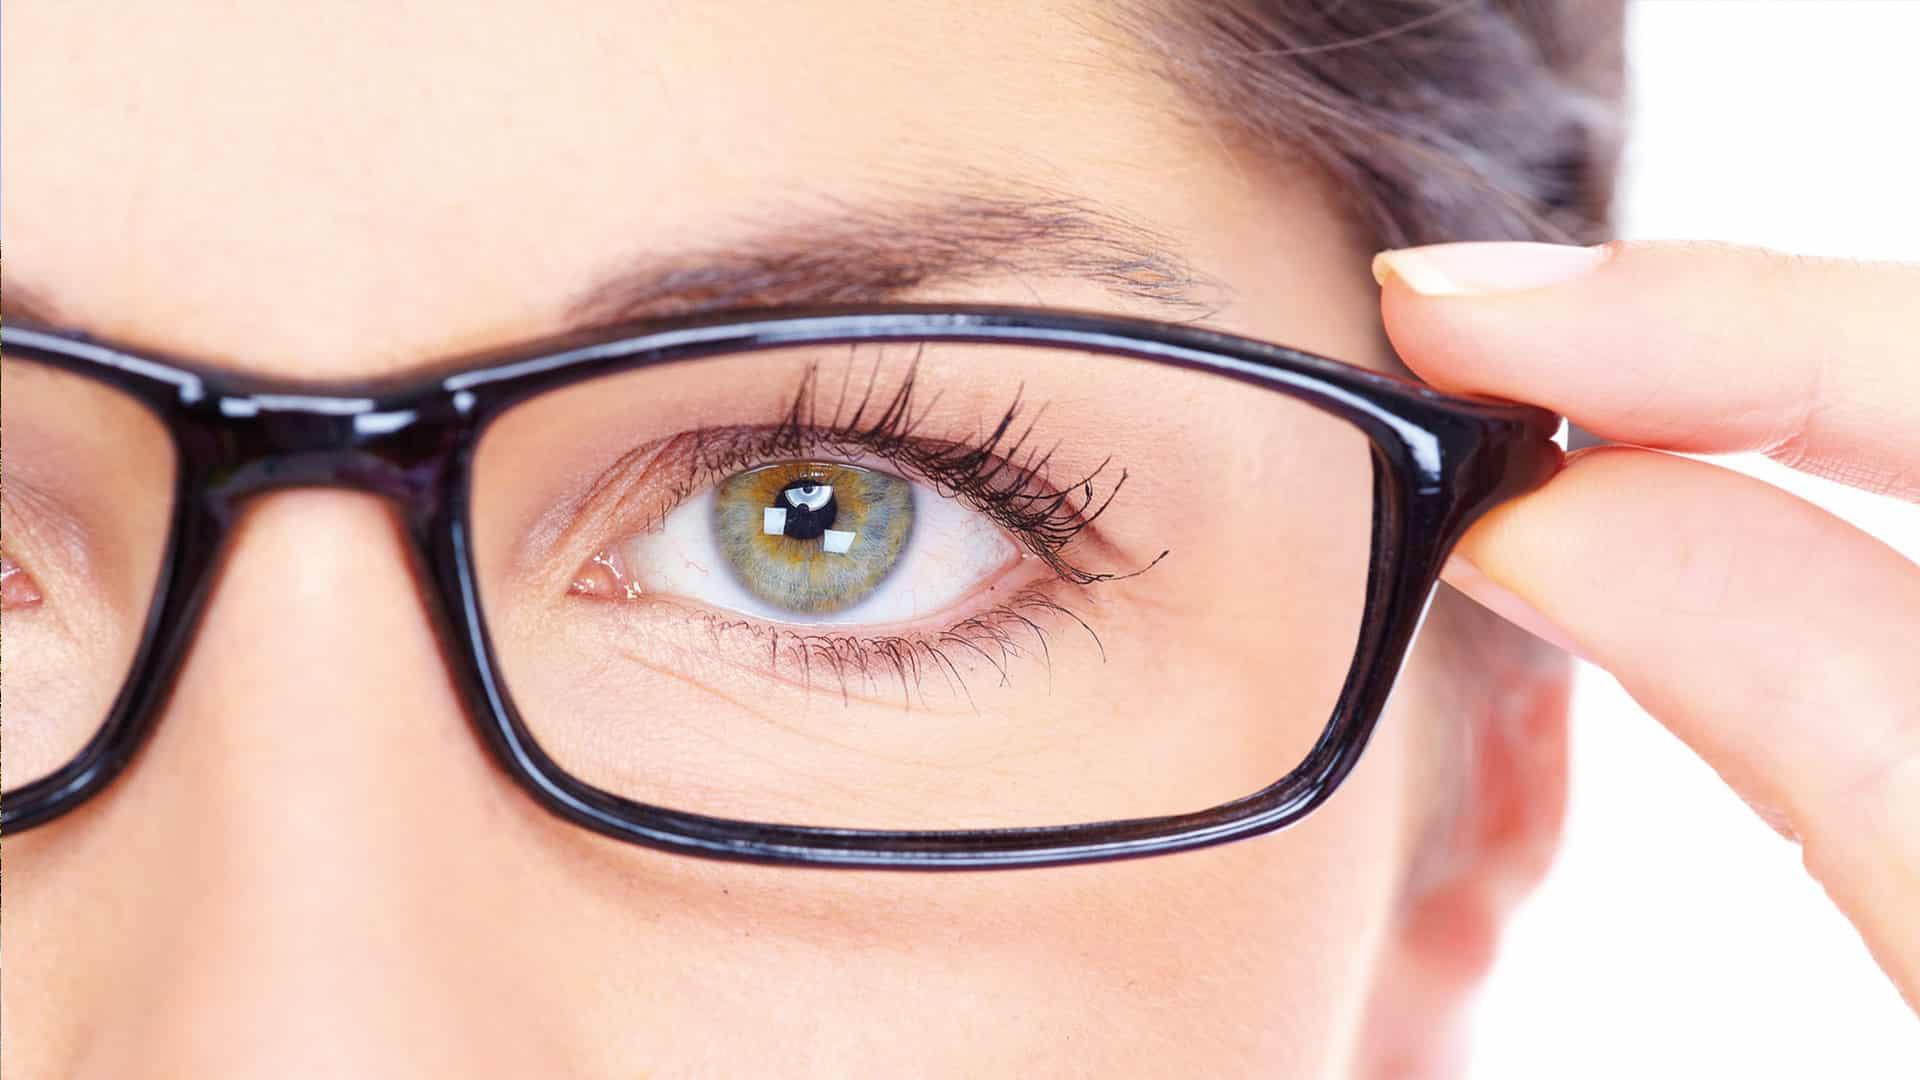 Brillenglas mit Superentspiegelung